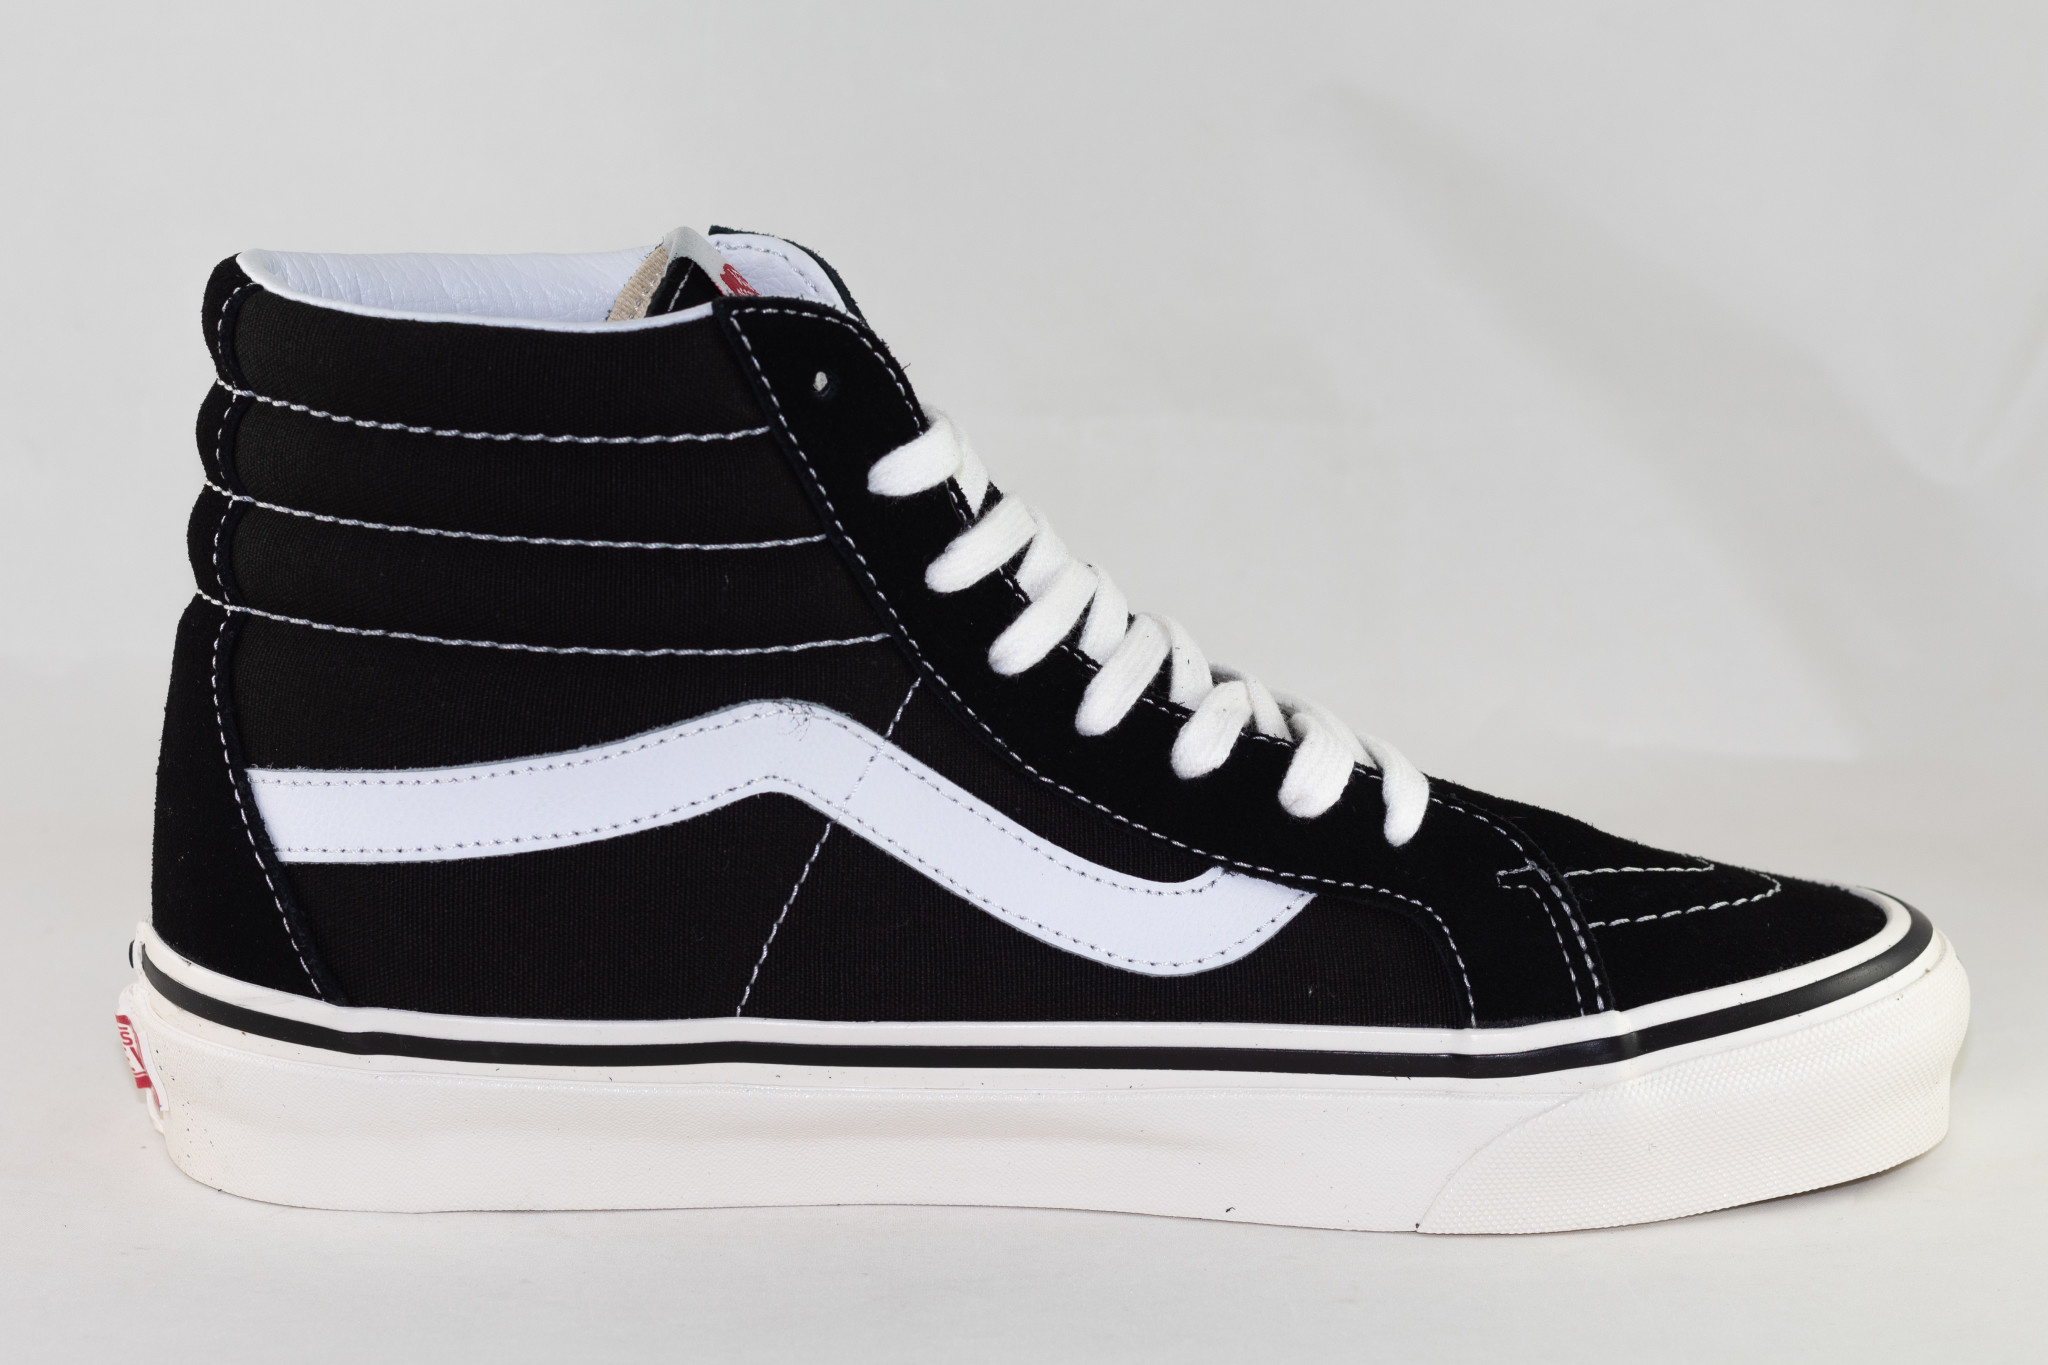 VANS SK8-HI 38 DX (Anaheim Factory) Black/ True White